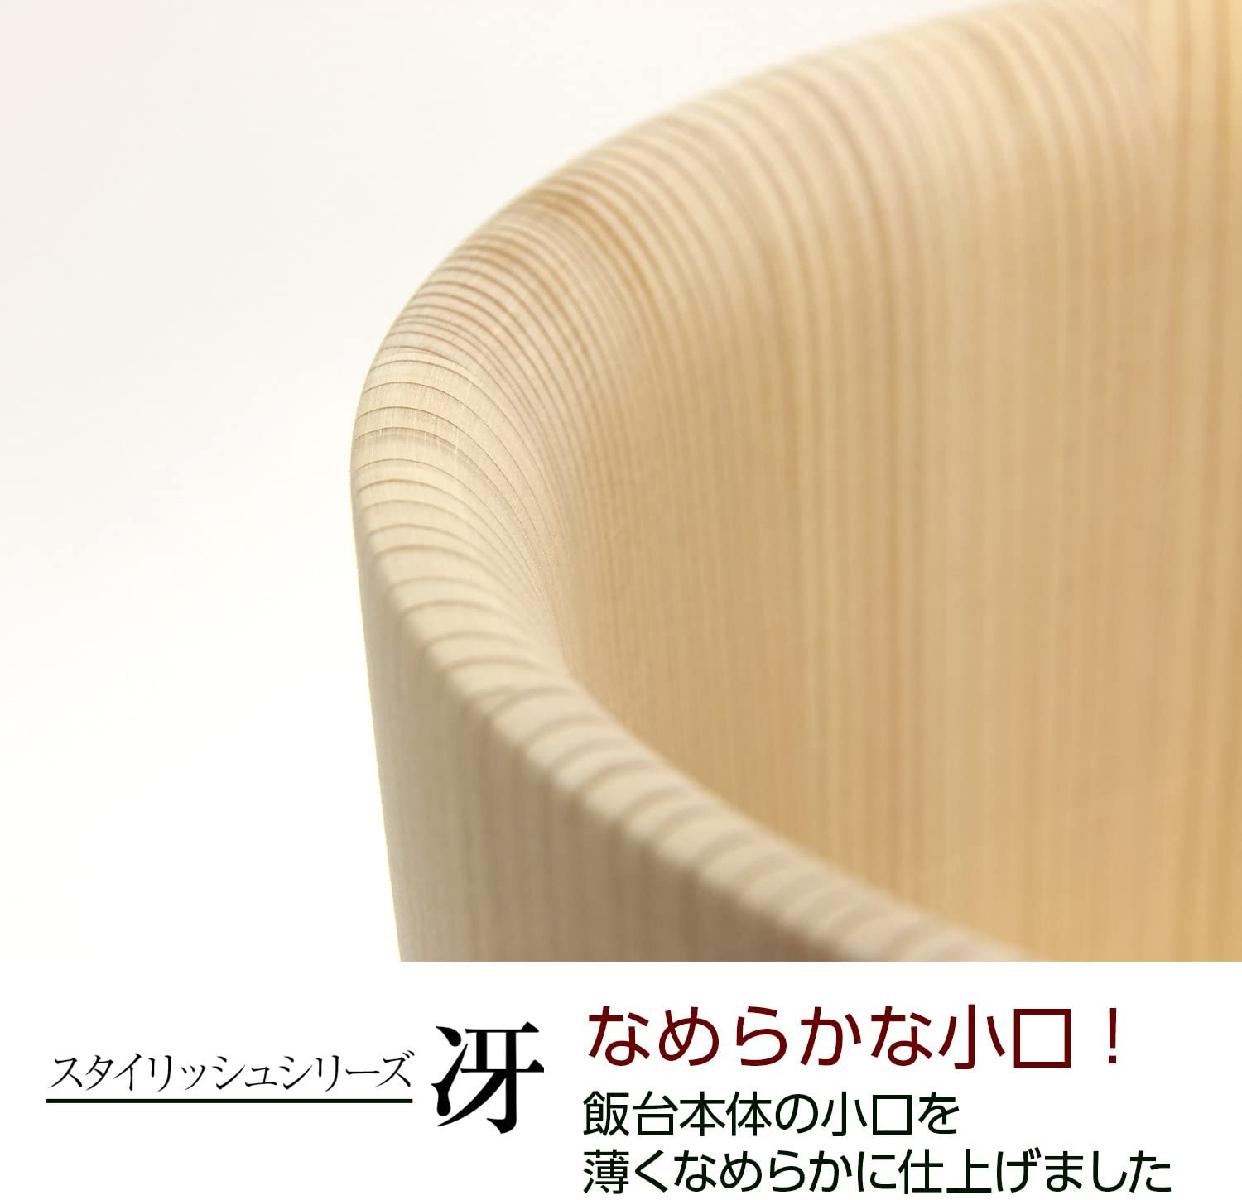 スタイリッシュシリーズ冴 寿司飯台 30cm•3合用の商品画像3